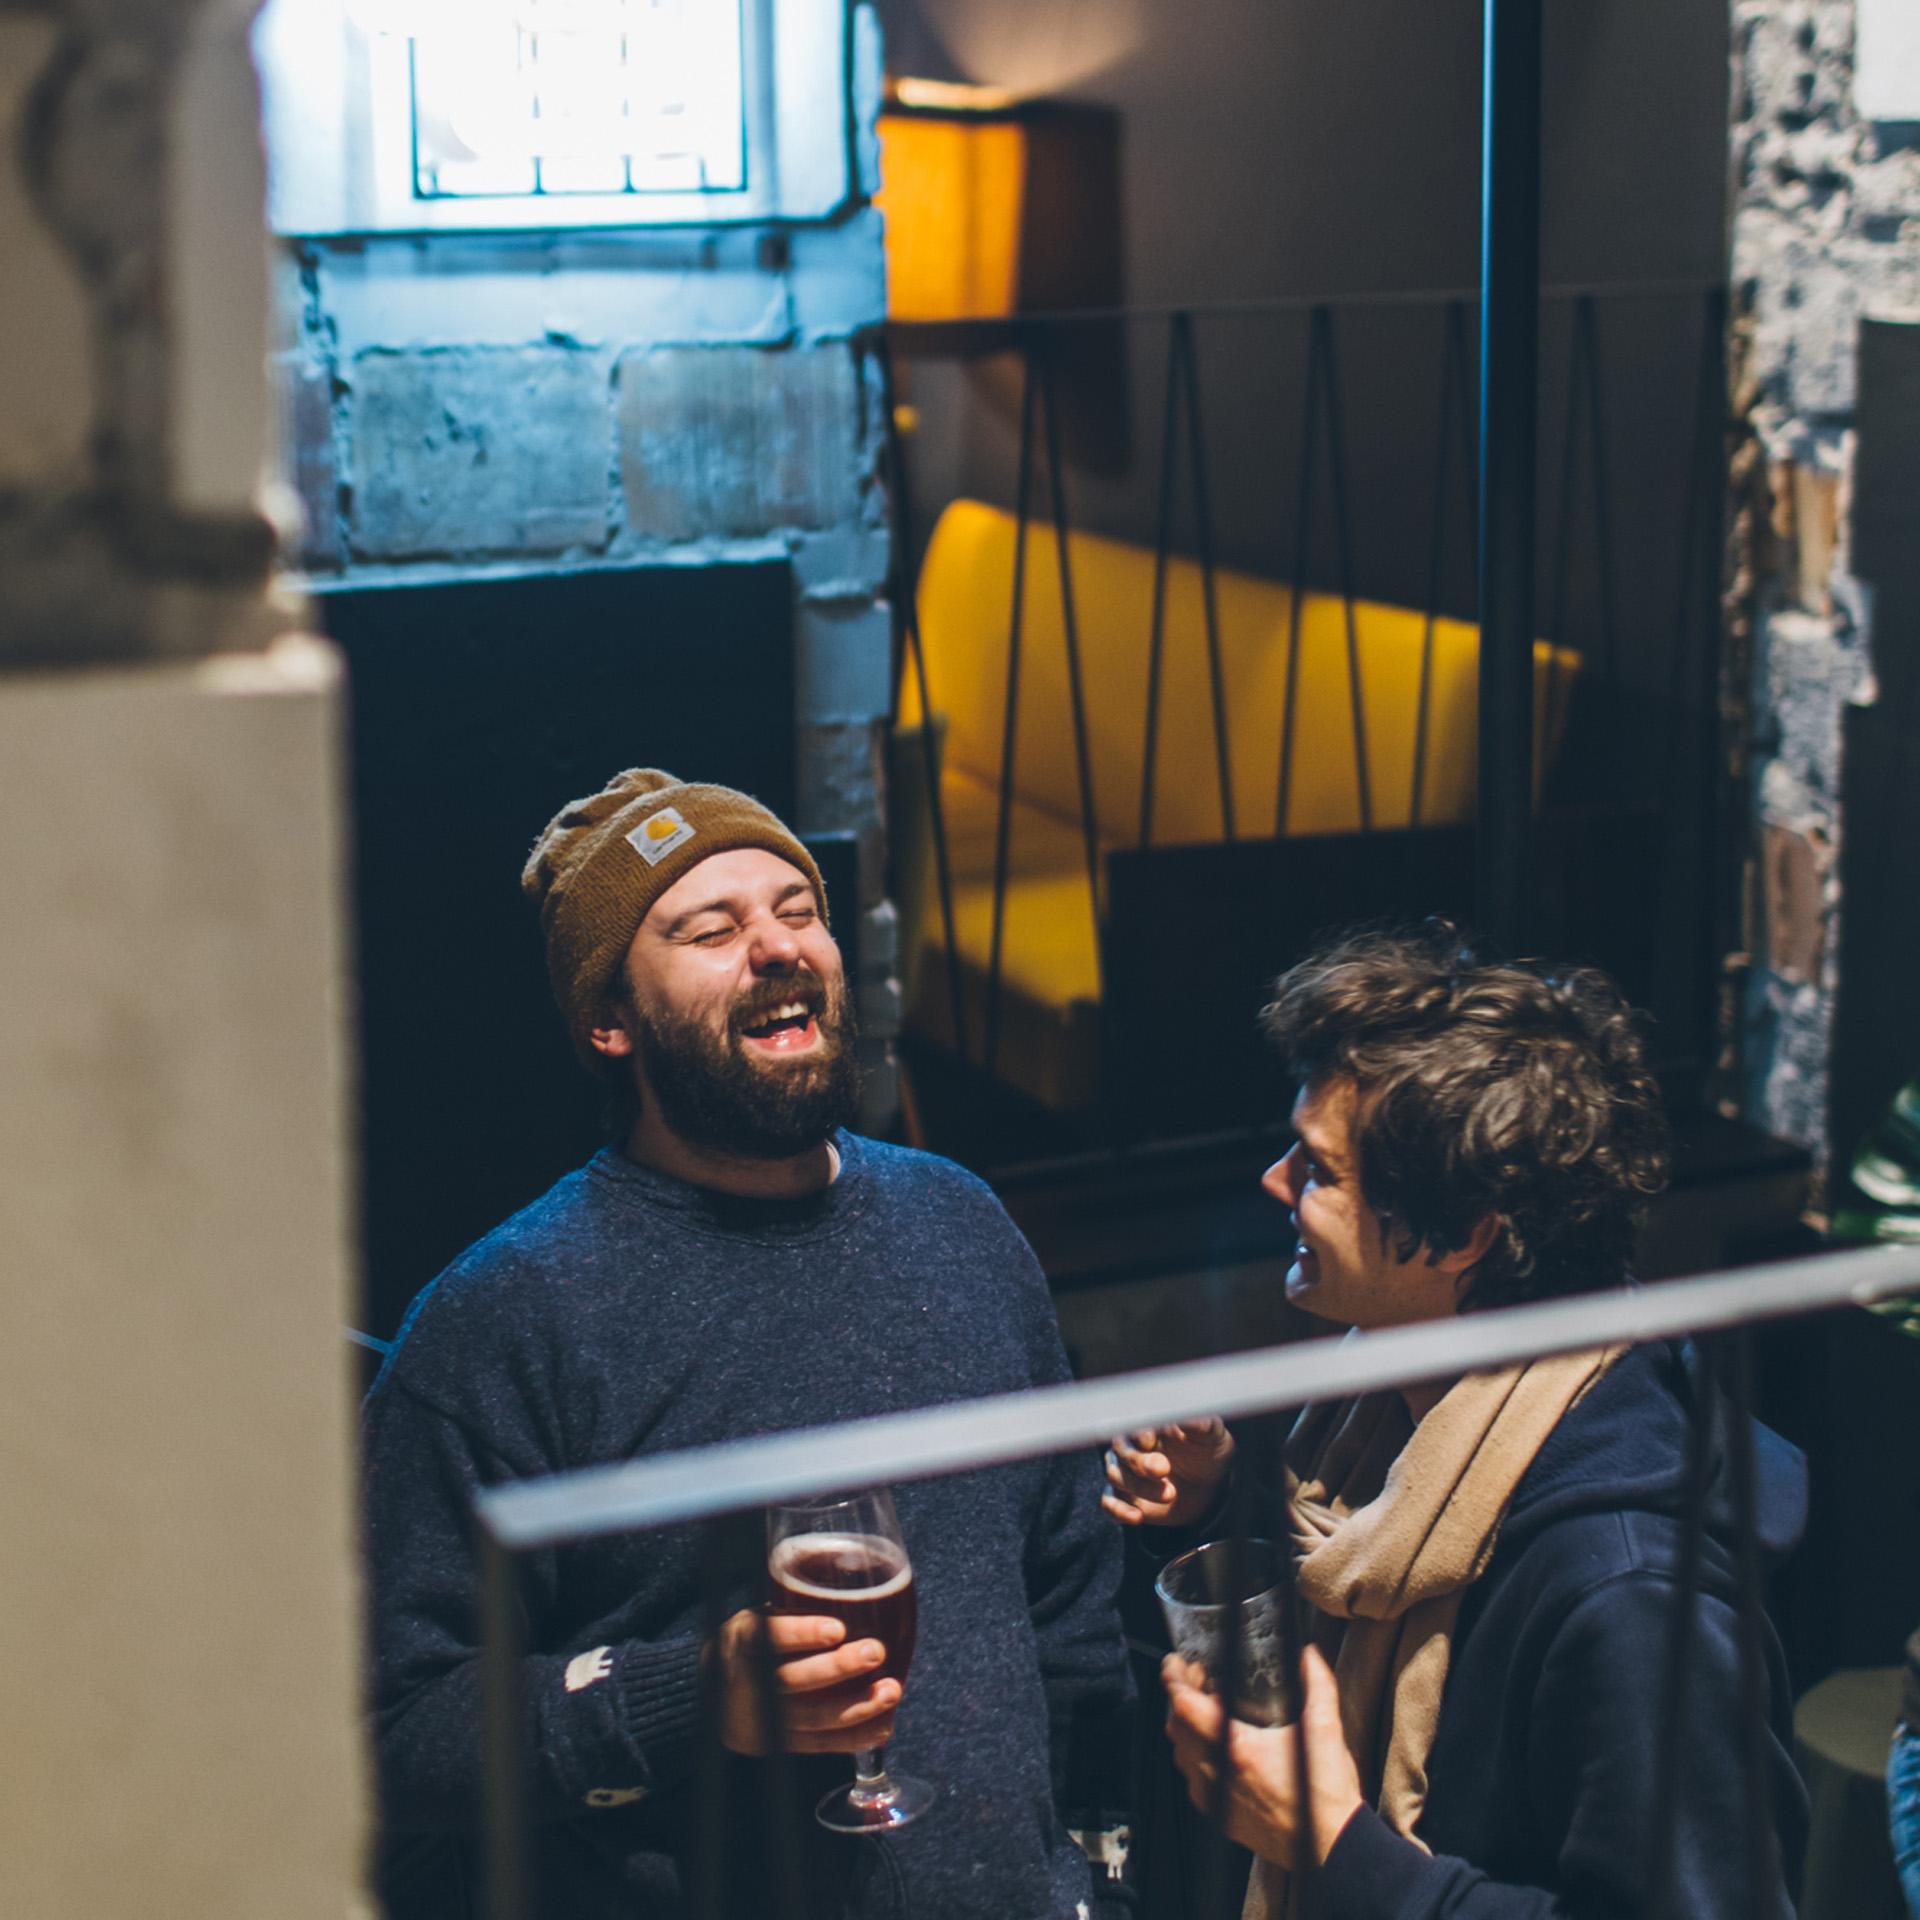 Kufle i Kapsle Powiśle Crafr Beer Pub. Projekt wnętrza pubu BAZA architekci.